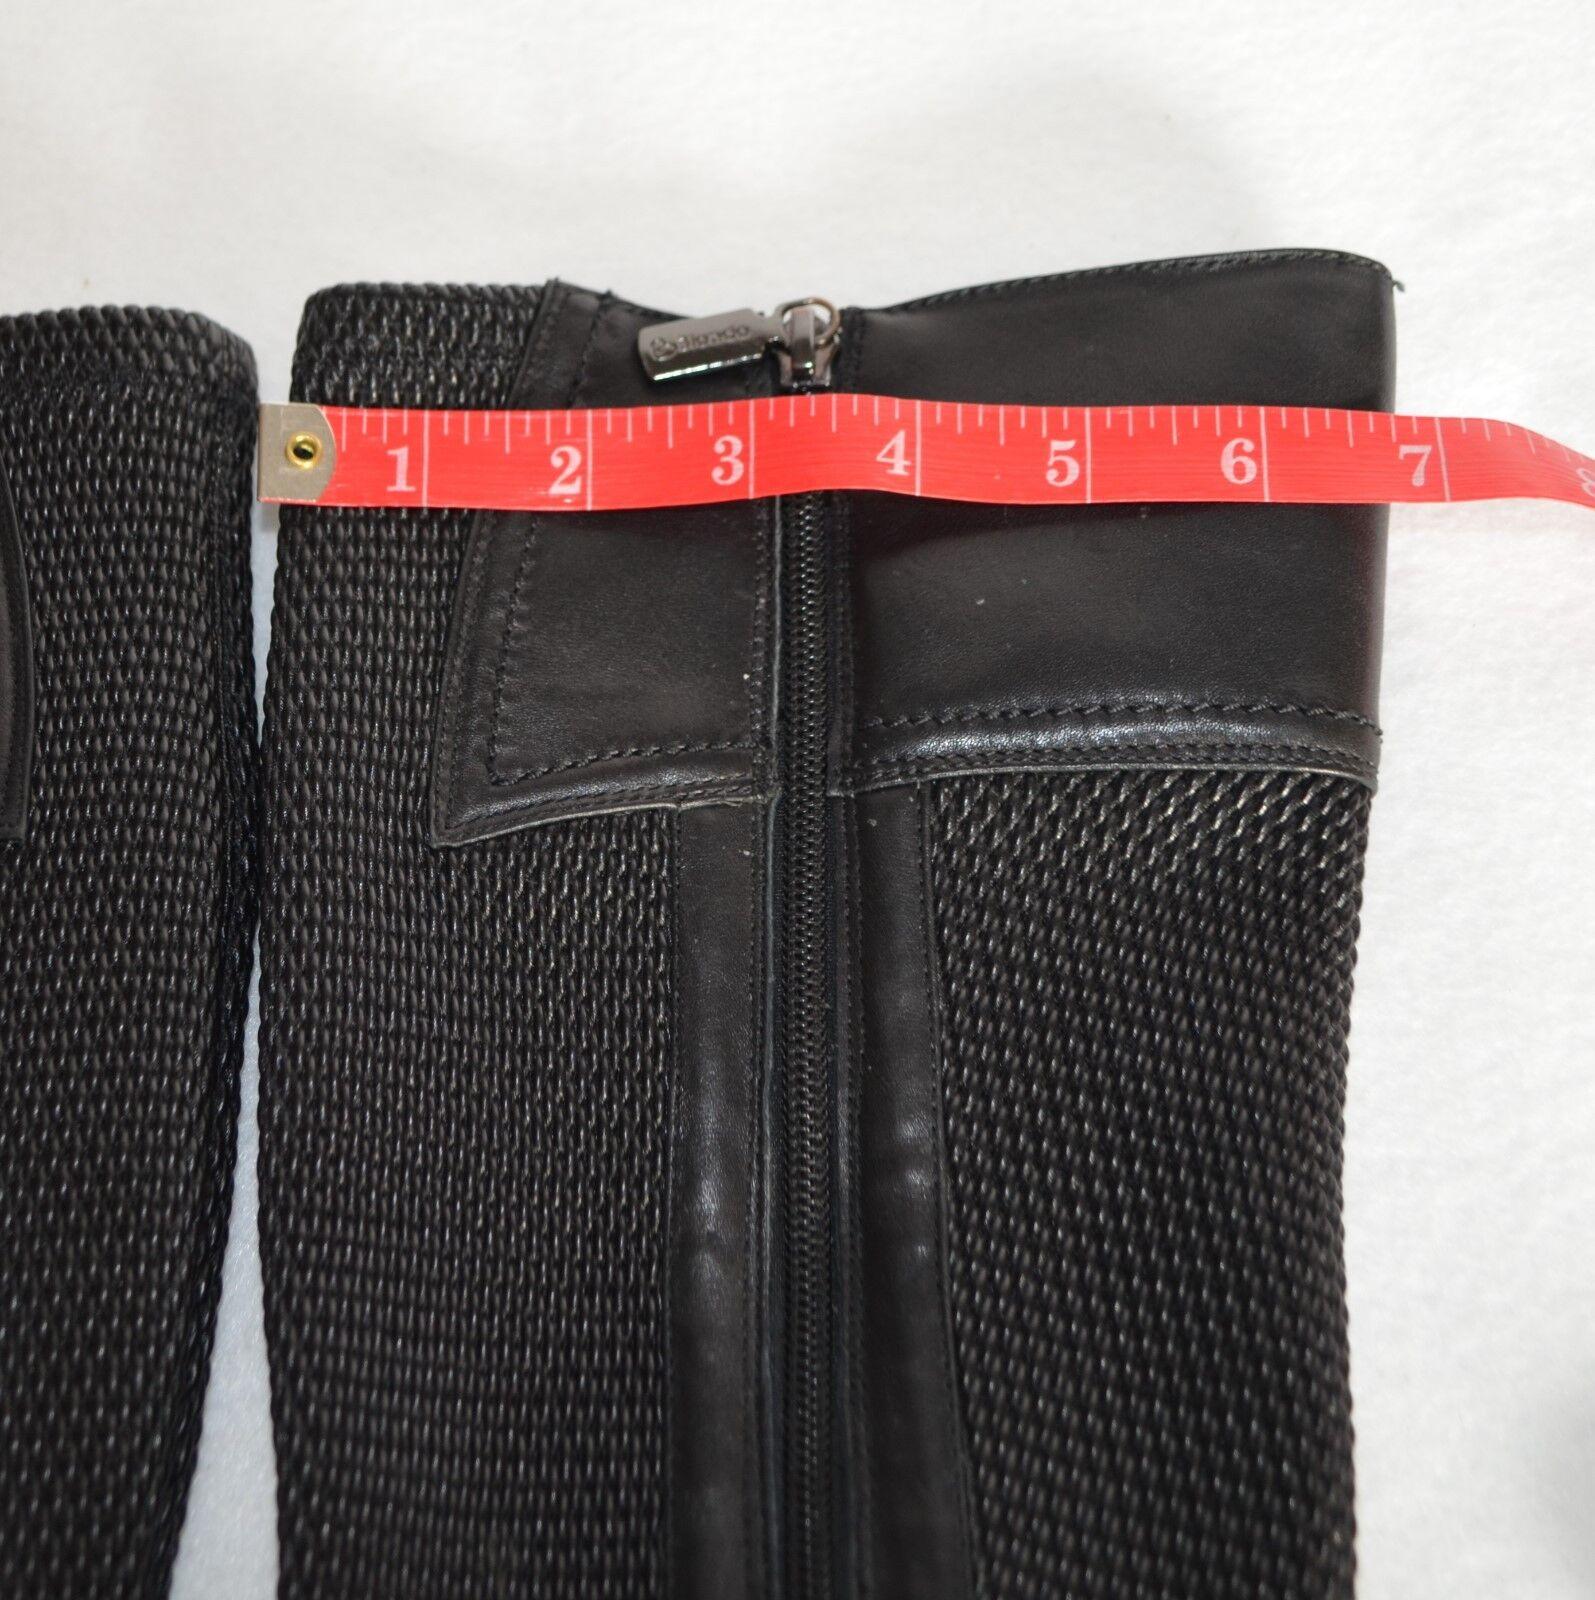 Blondo para Mujer Equitación Motorista Bota Negro Enya hasta las las las rodillas Cremallera Impermeable 7M 0abb17